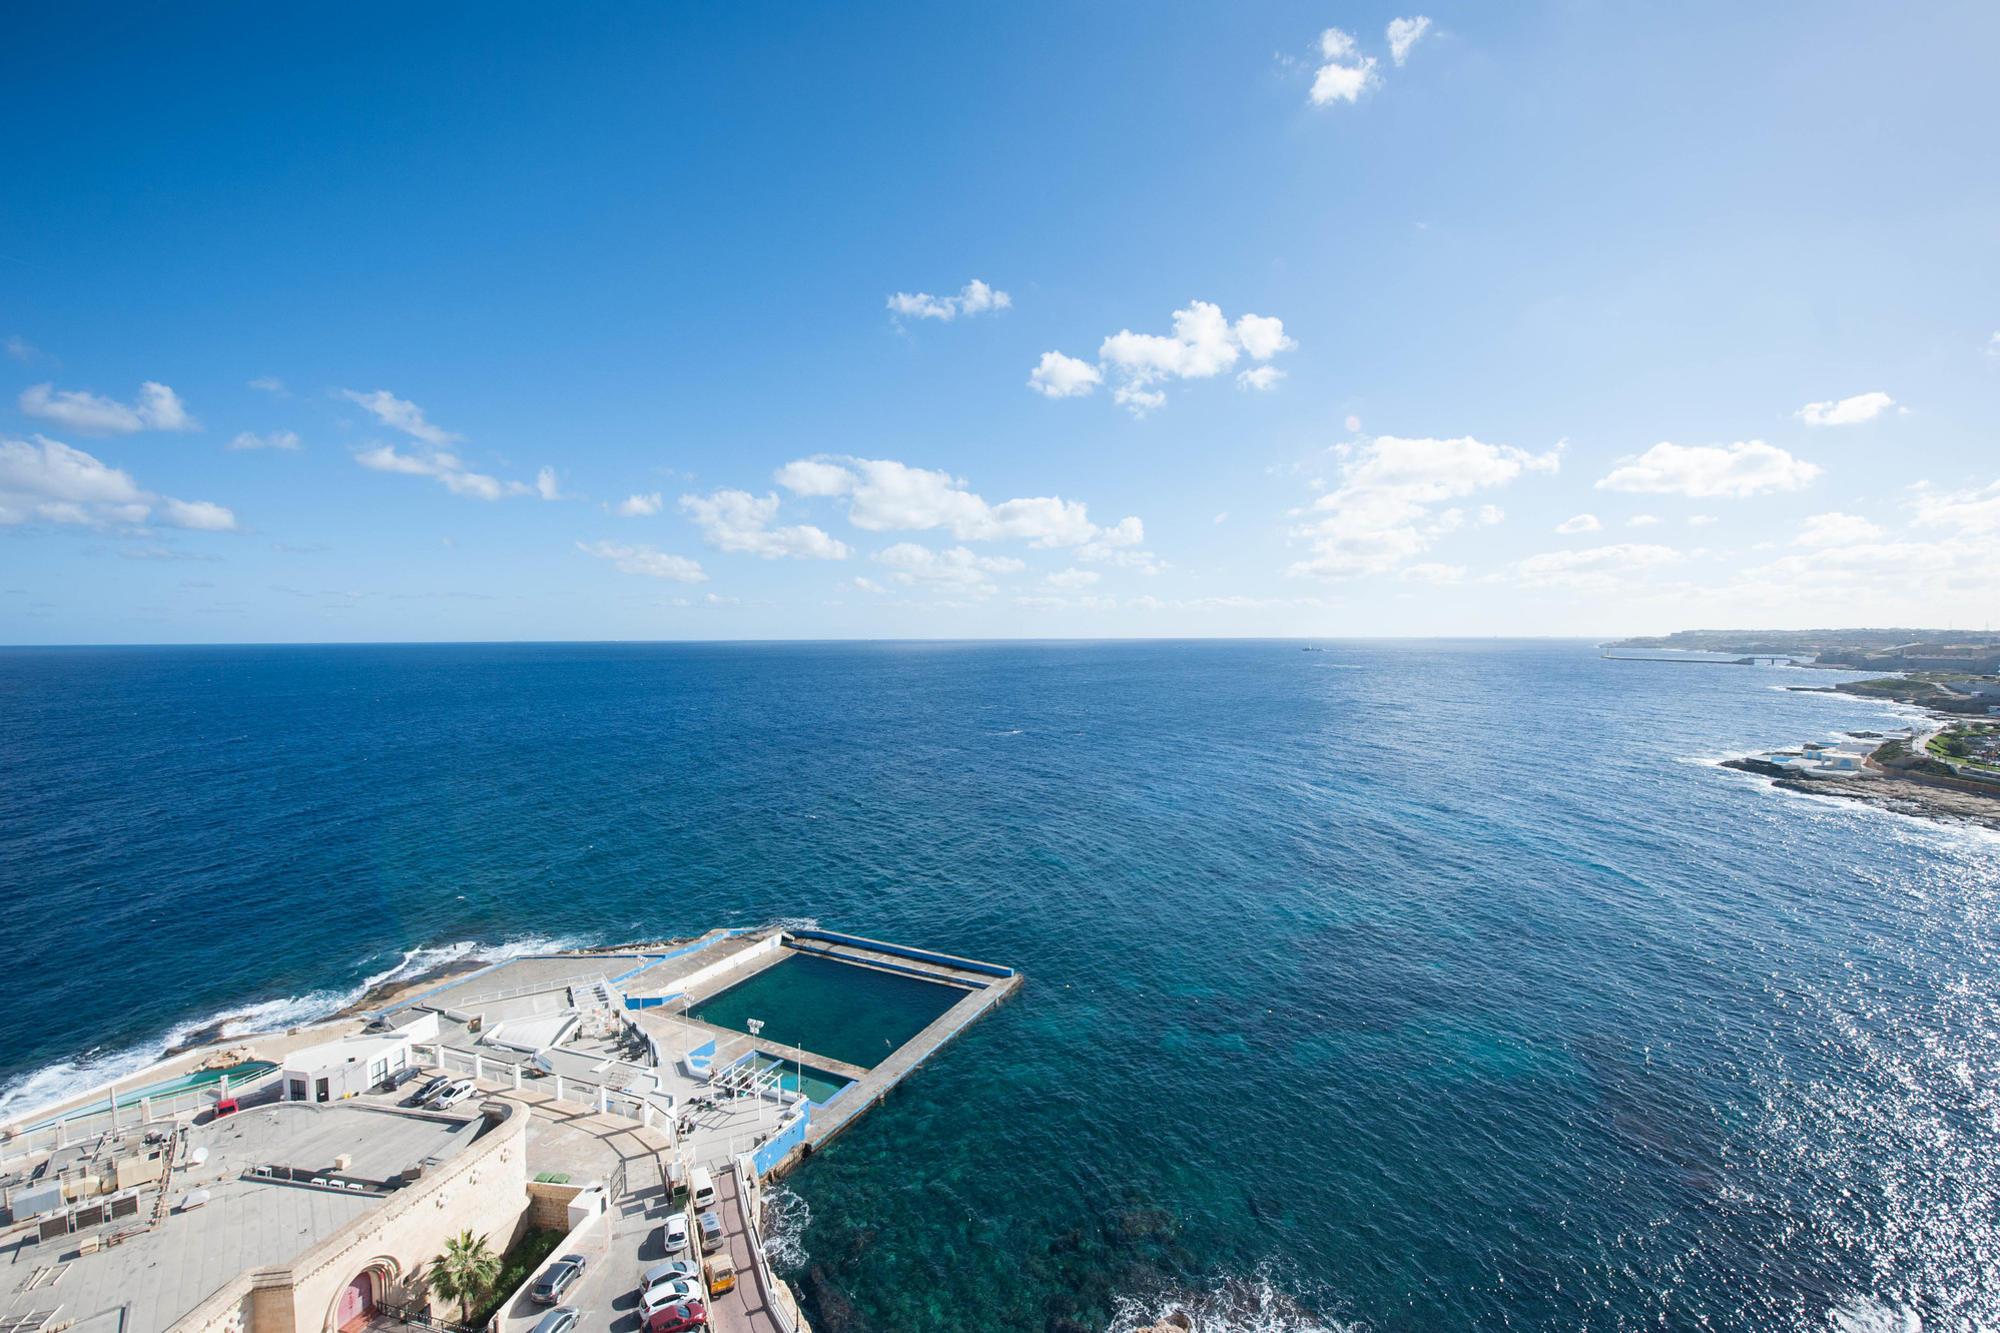 View from Preluna Hotel & Spa, Malta